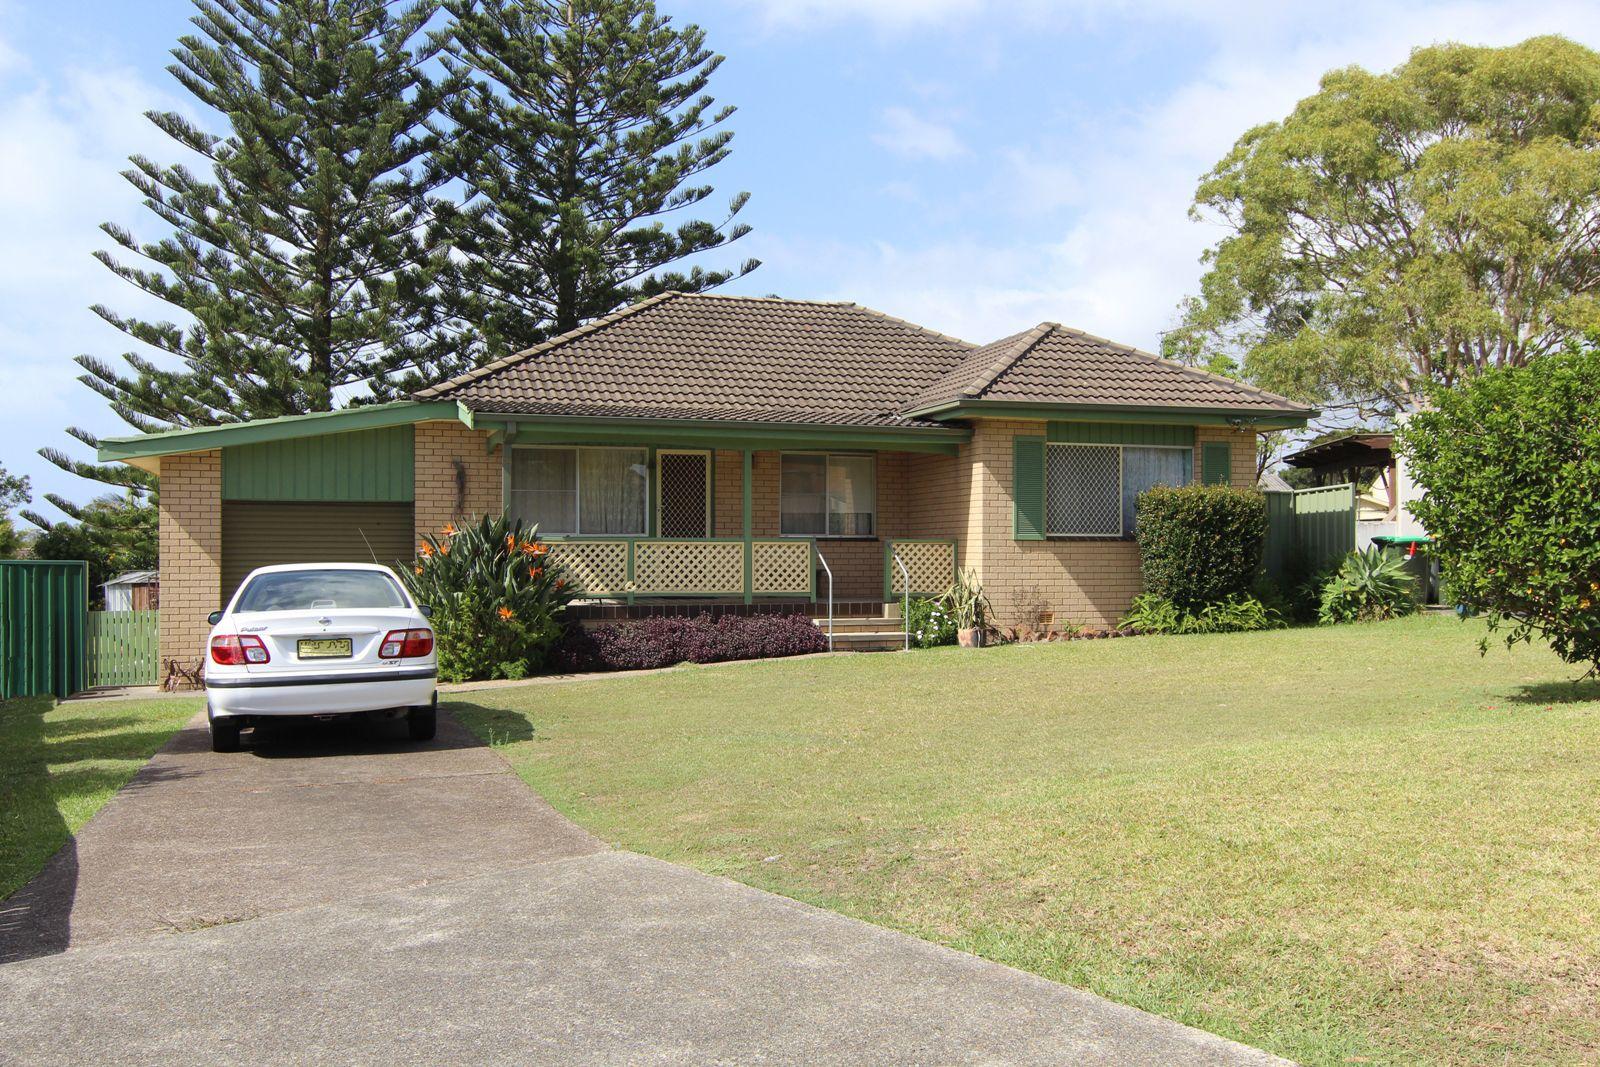 39 Pindari Road, Forster NSW 2428, Image 0